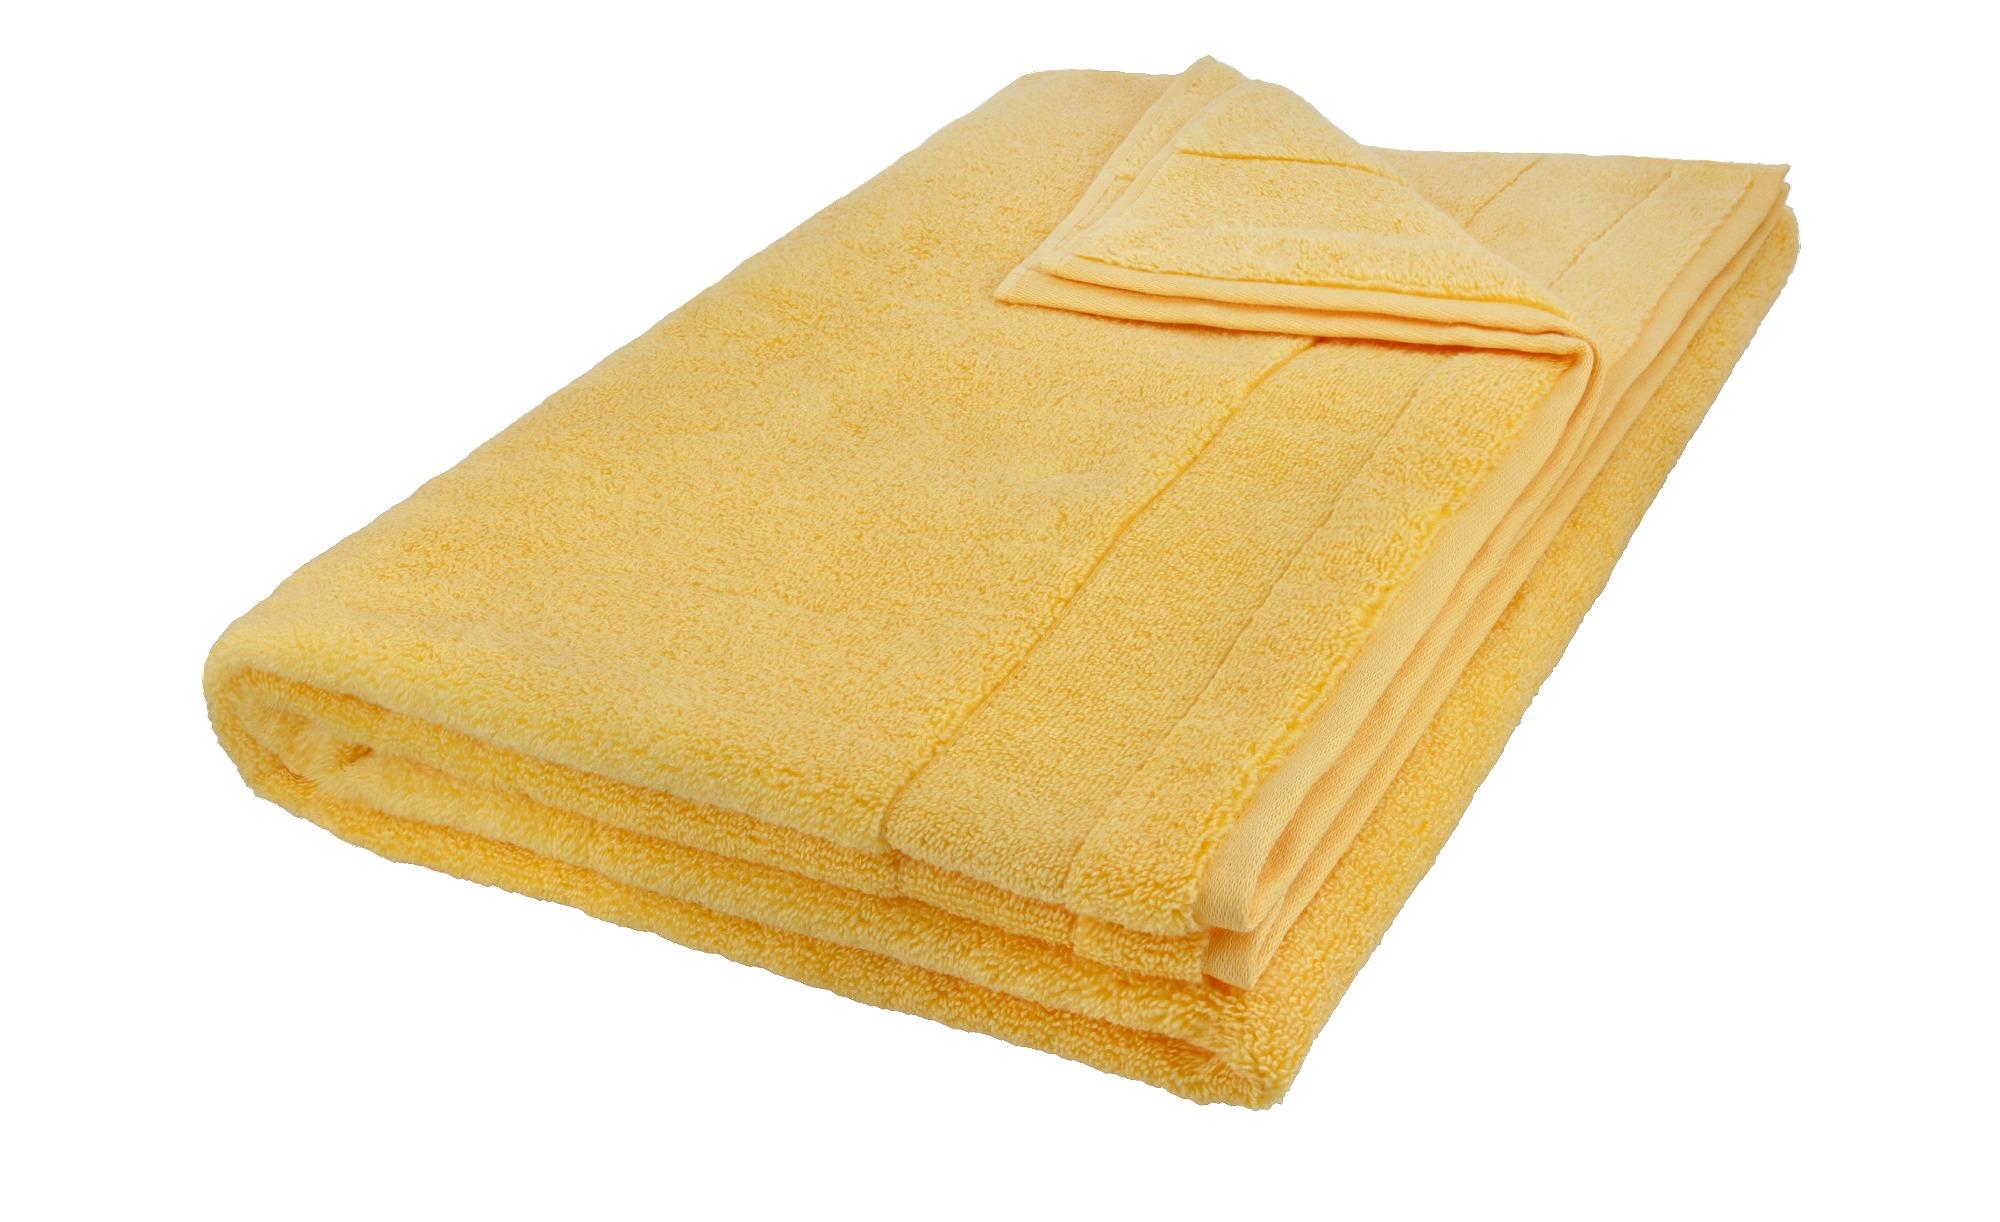 VOSSEN Badetuch  Cloud ¦ gelb ¦ 100% Baumwolle ¦ Maße (cm): B: 100 Badtextilien und Zubehör > Handtuch-Sets - Höffner